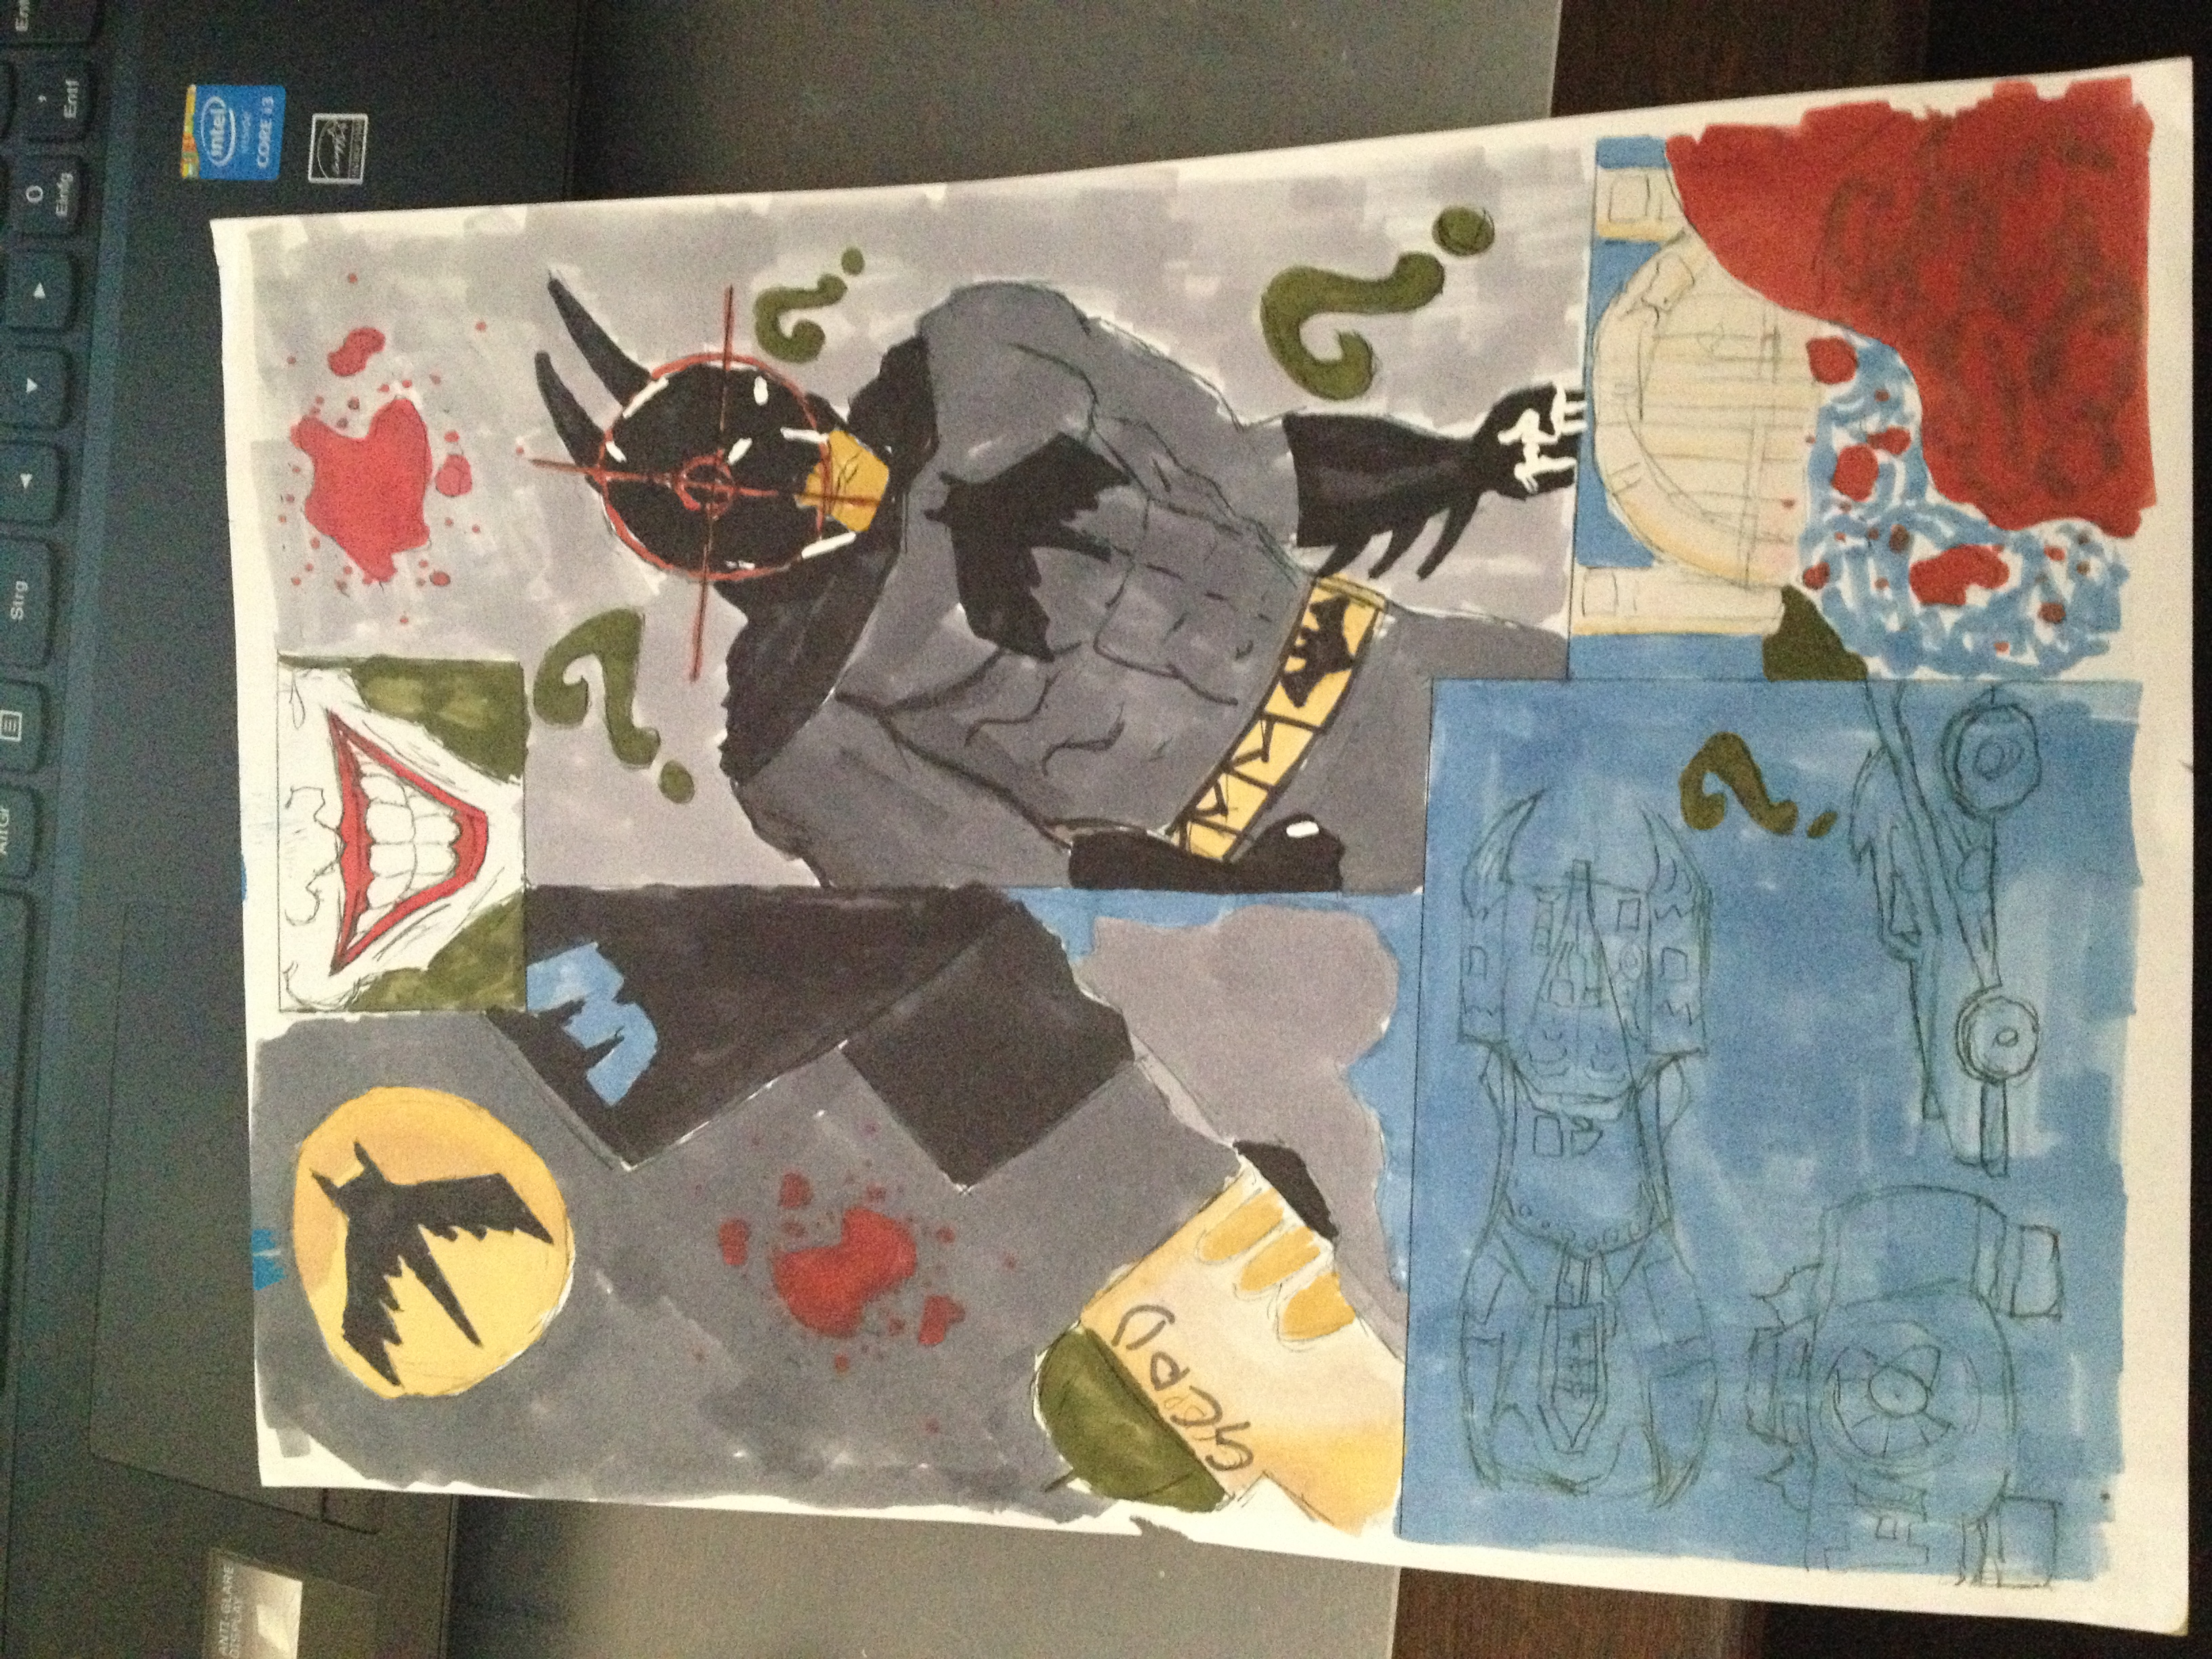 A Design of a Batman Piece That I Did